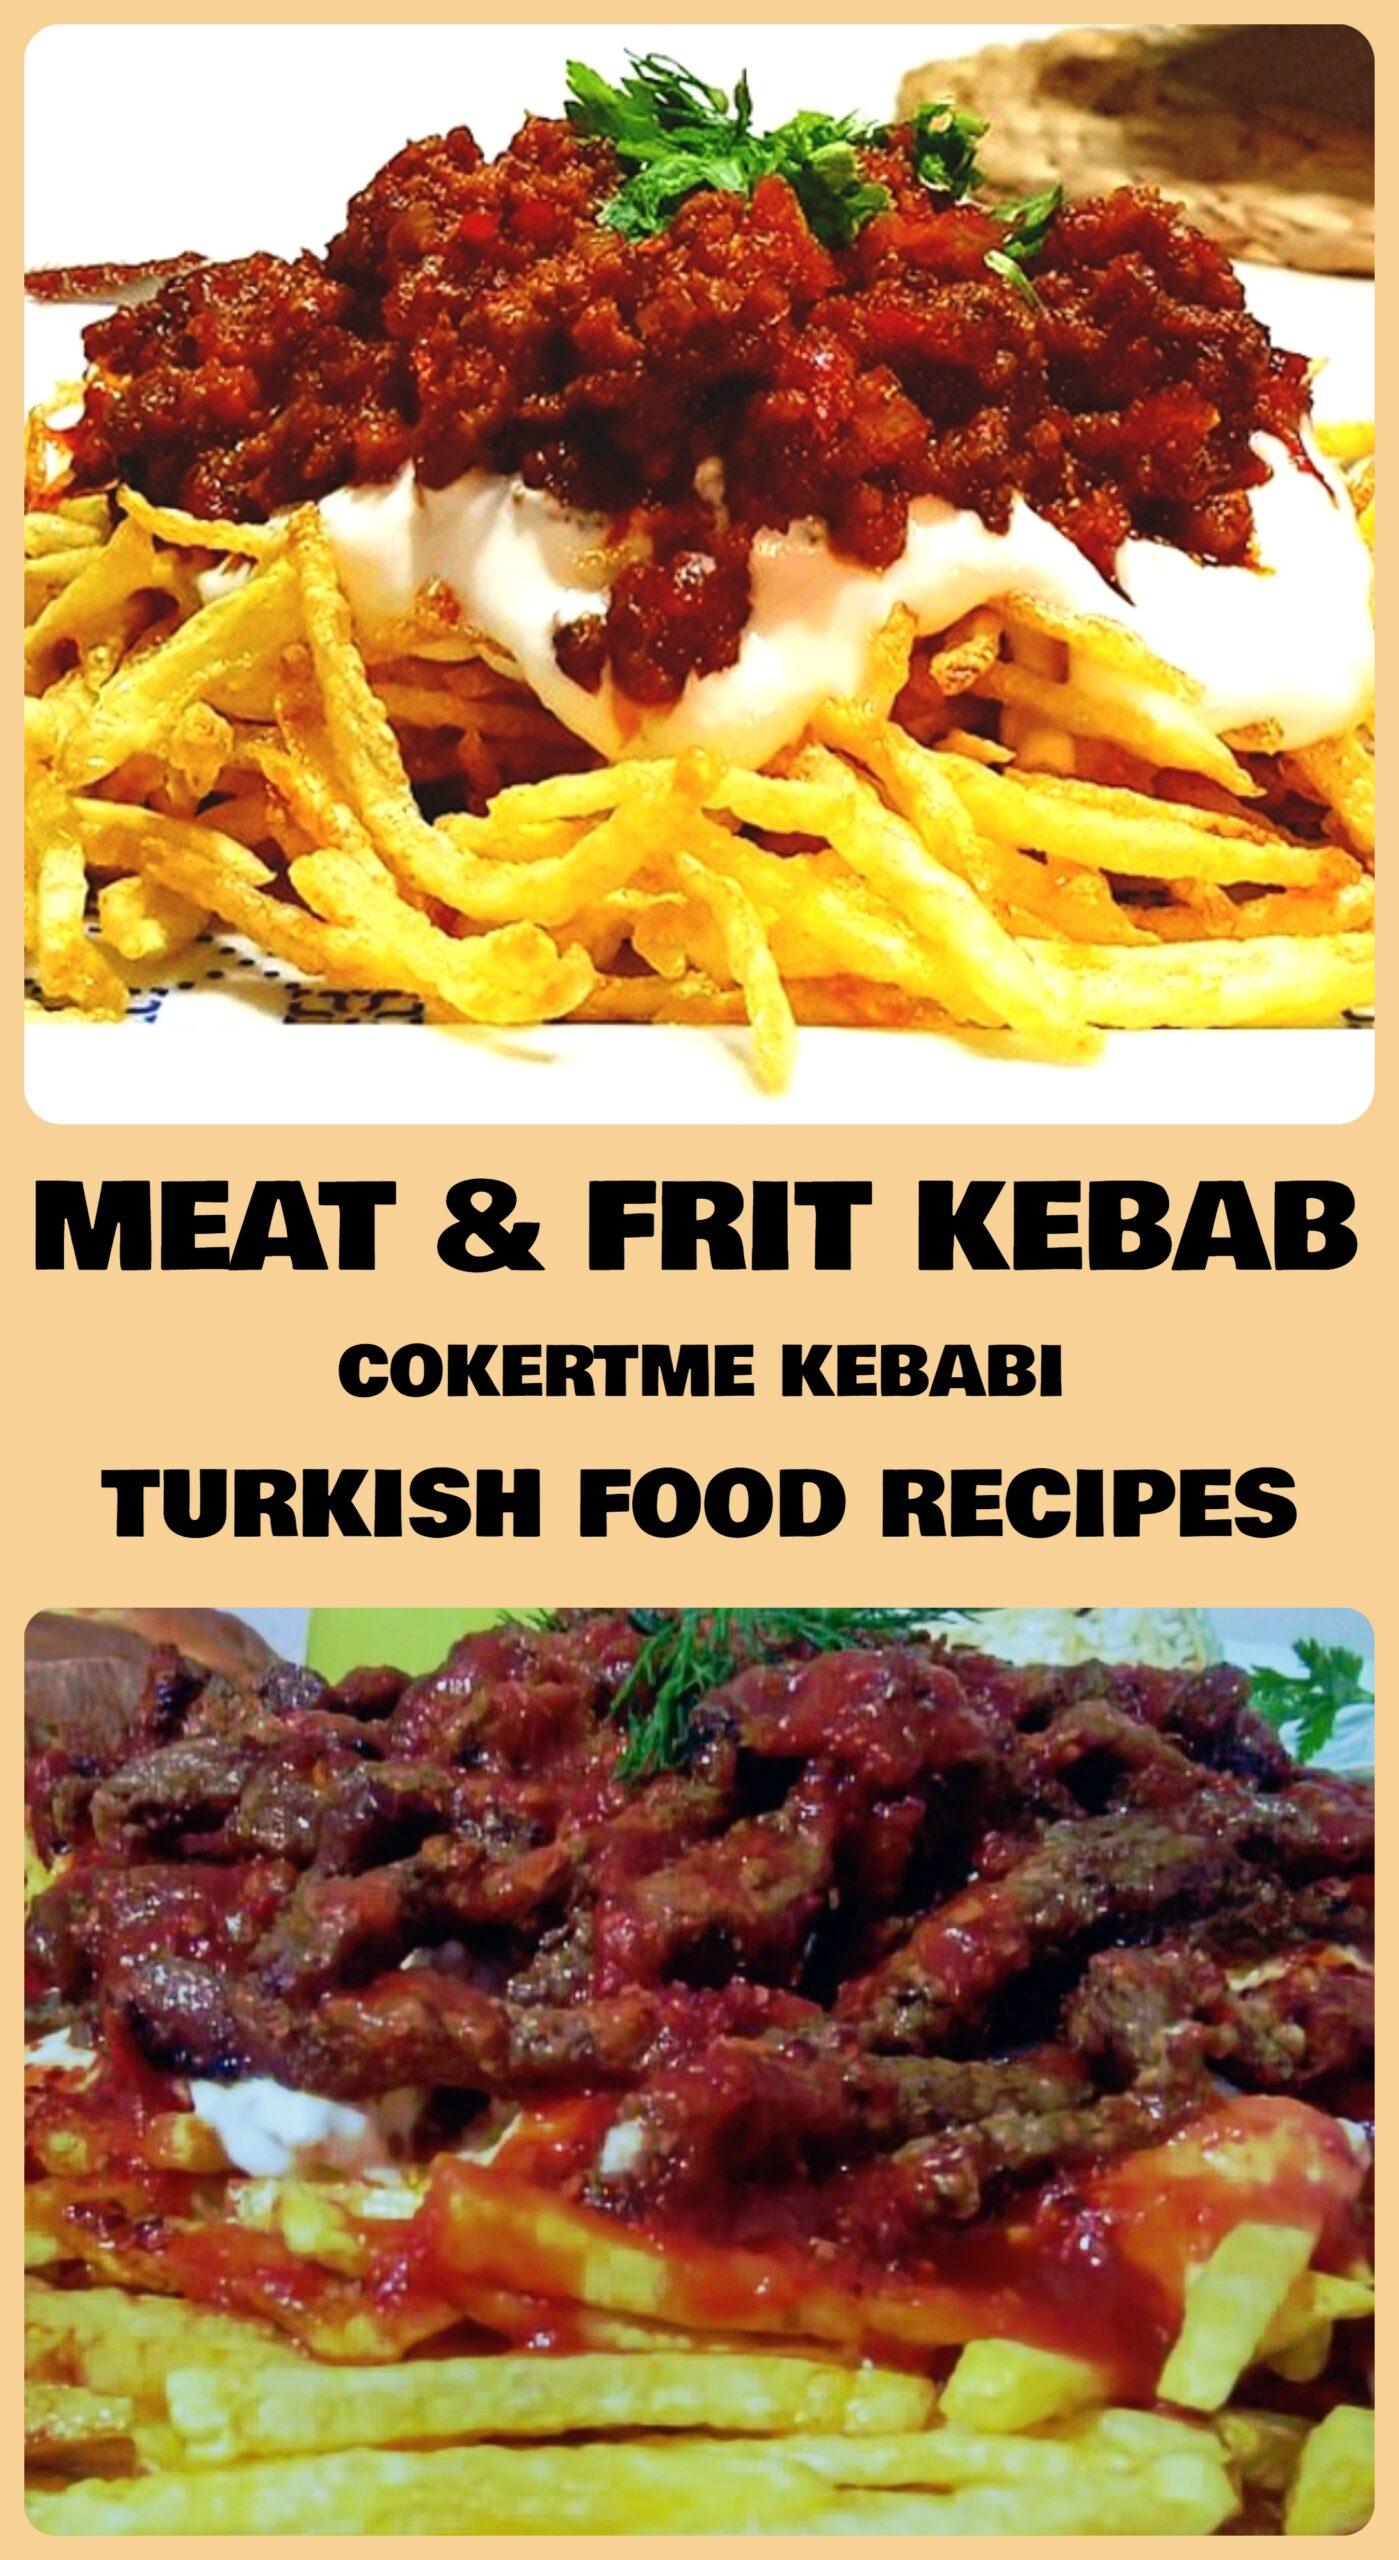 Meat & Frit Kebab - Cokertme Kebabi Recipe